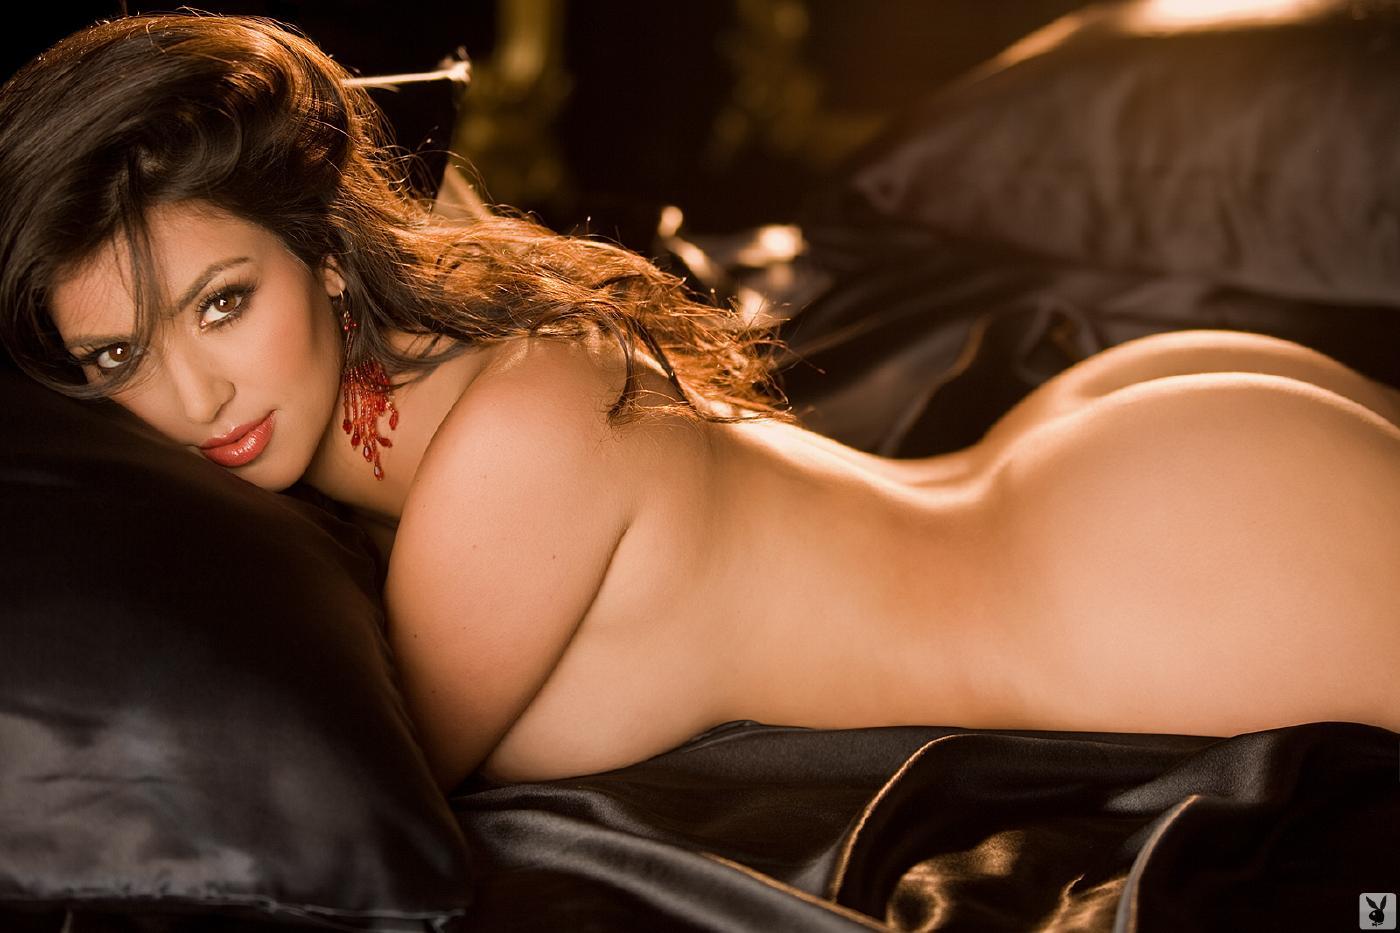 Kim Kardashian Playboy Nude Photoshoot Leaked 0004